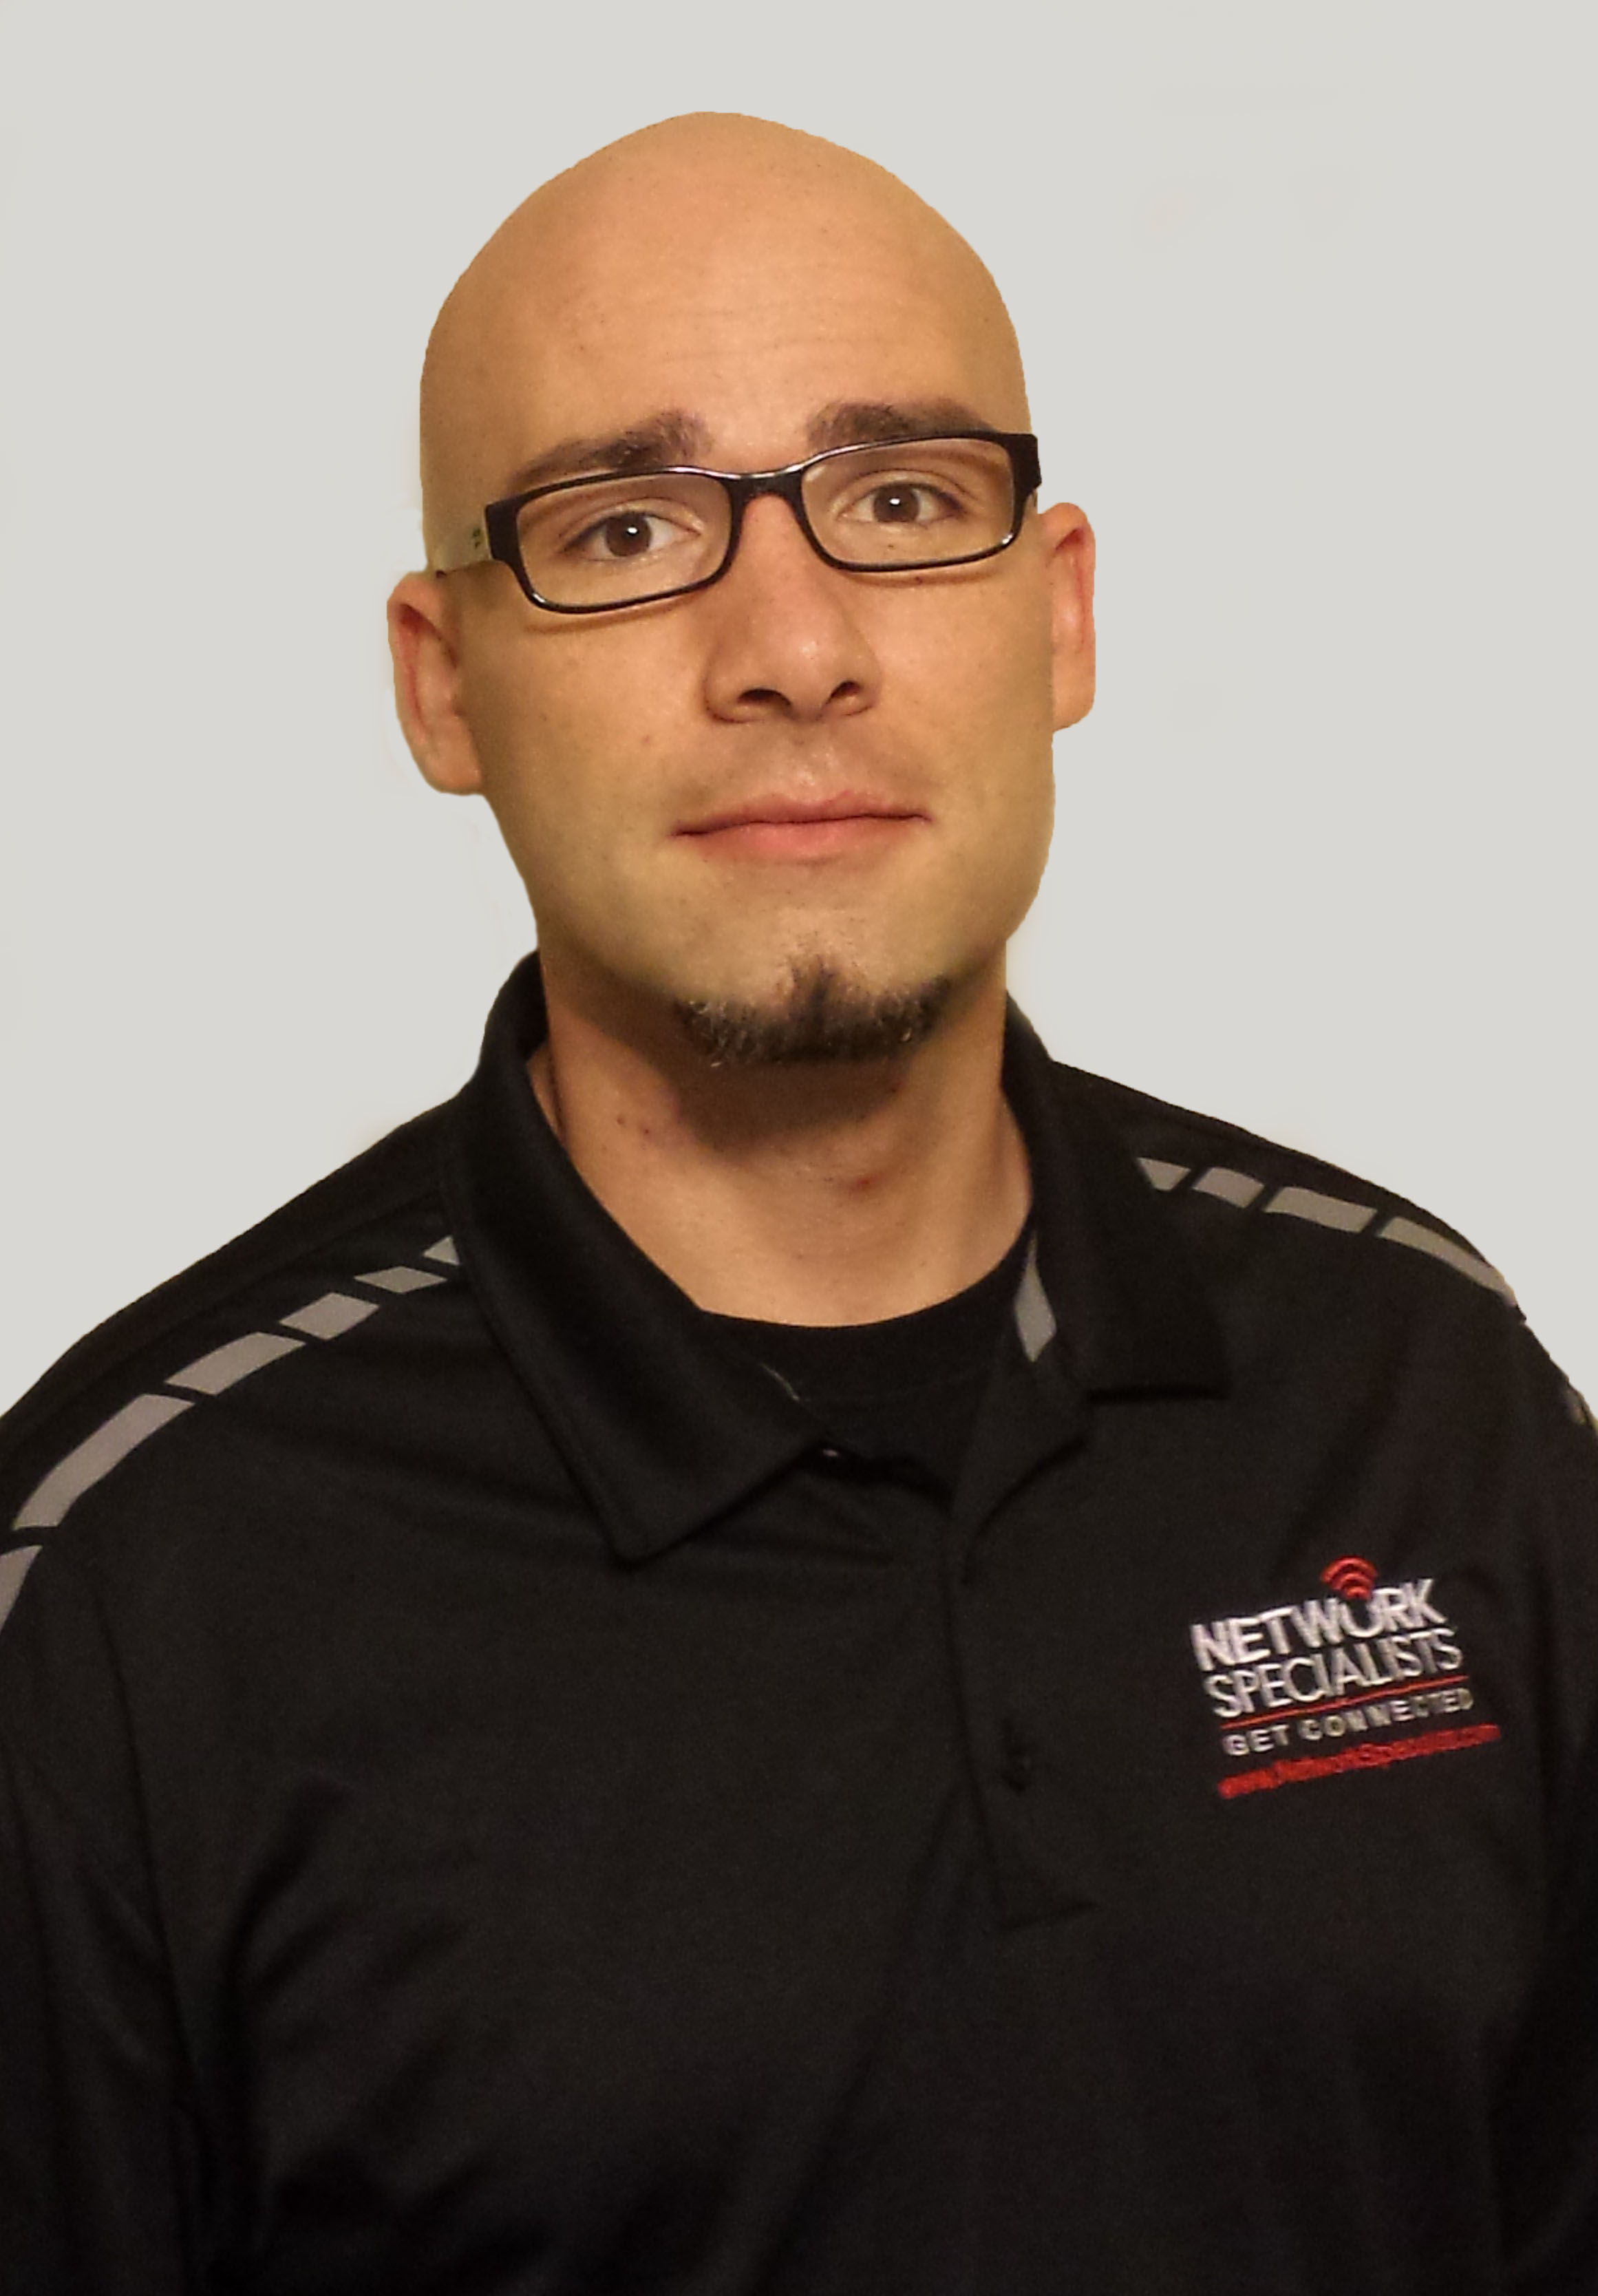 Network Specialists Employee Spotlight – Ben Bizzle